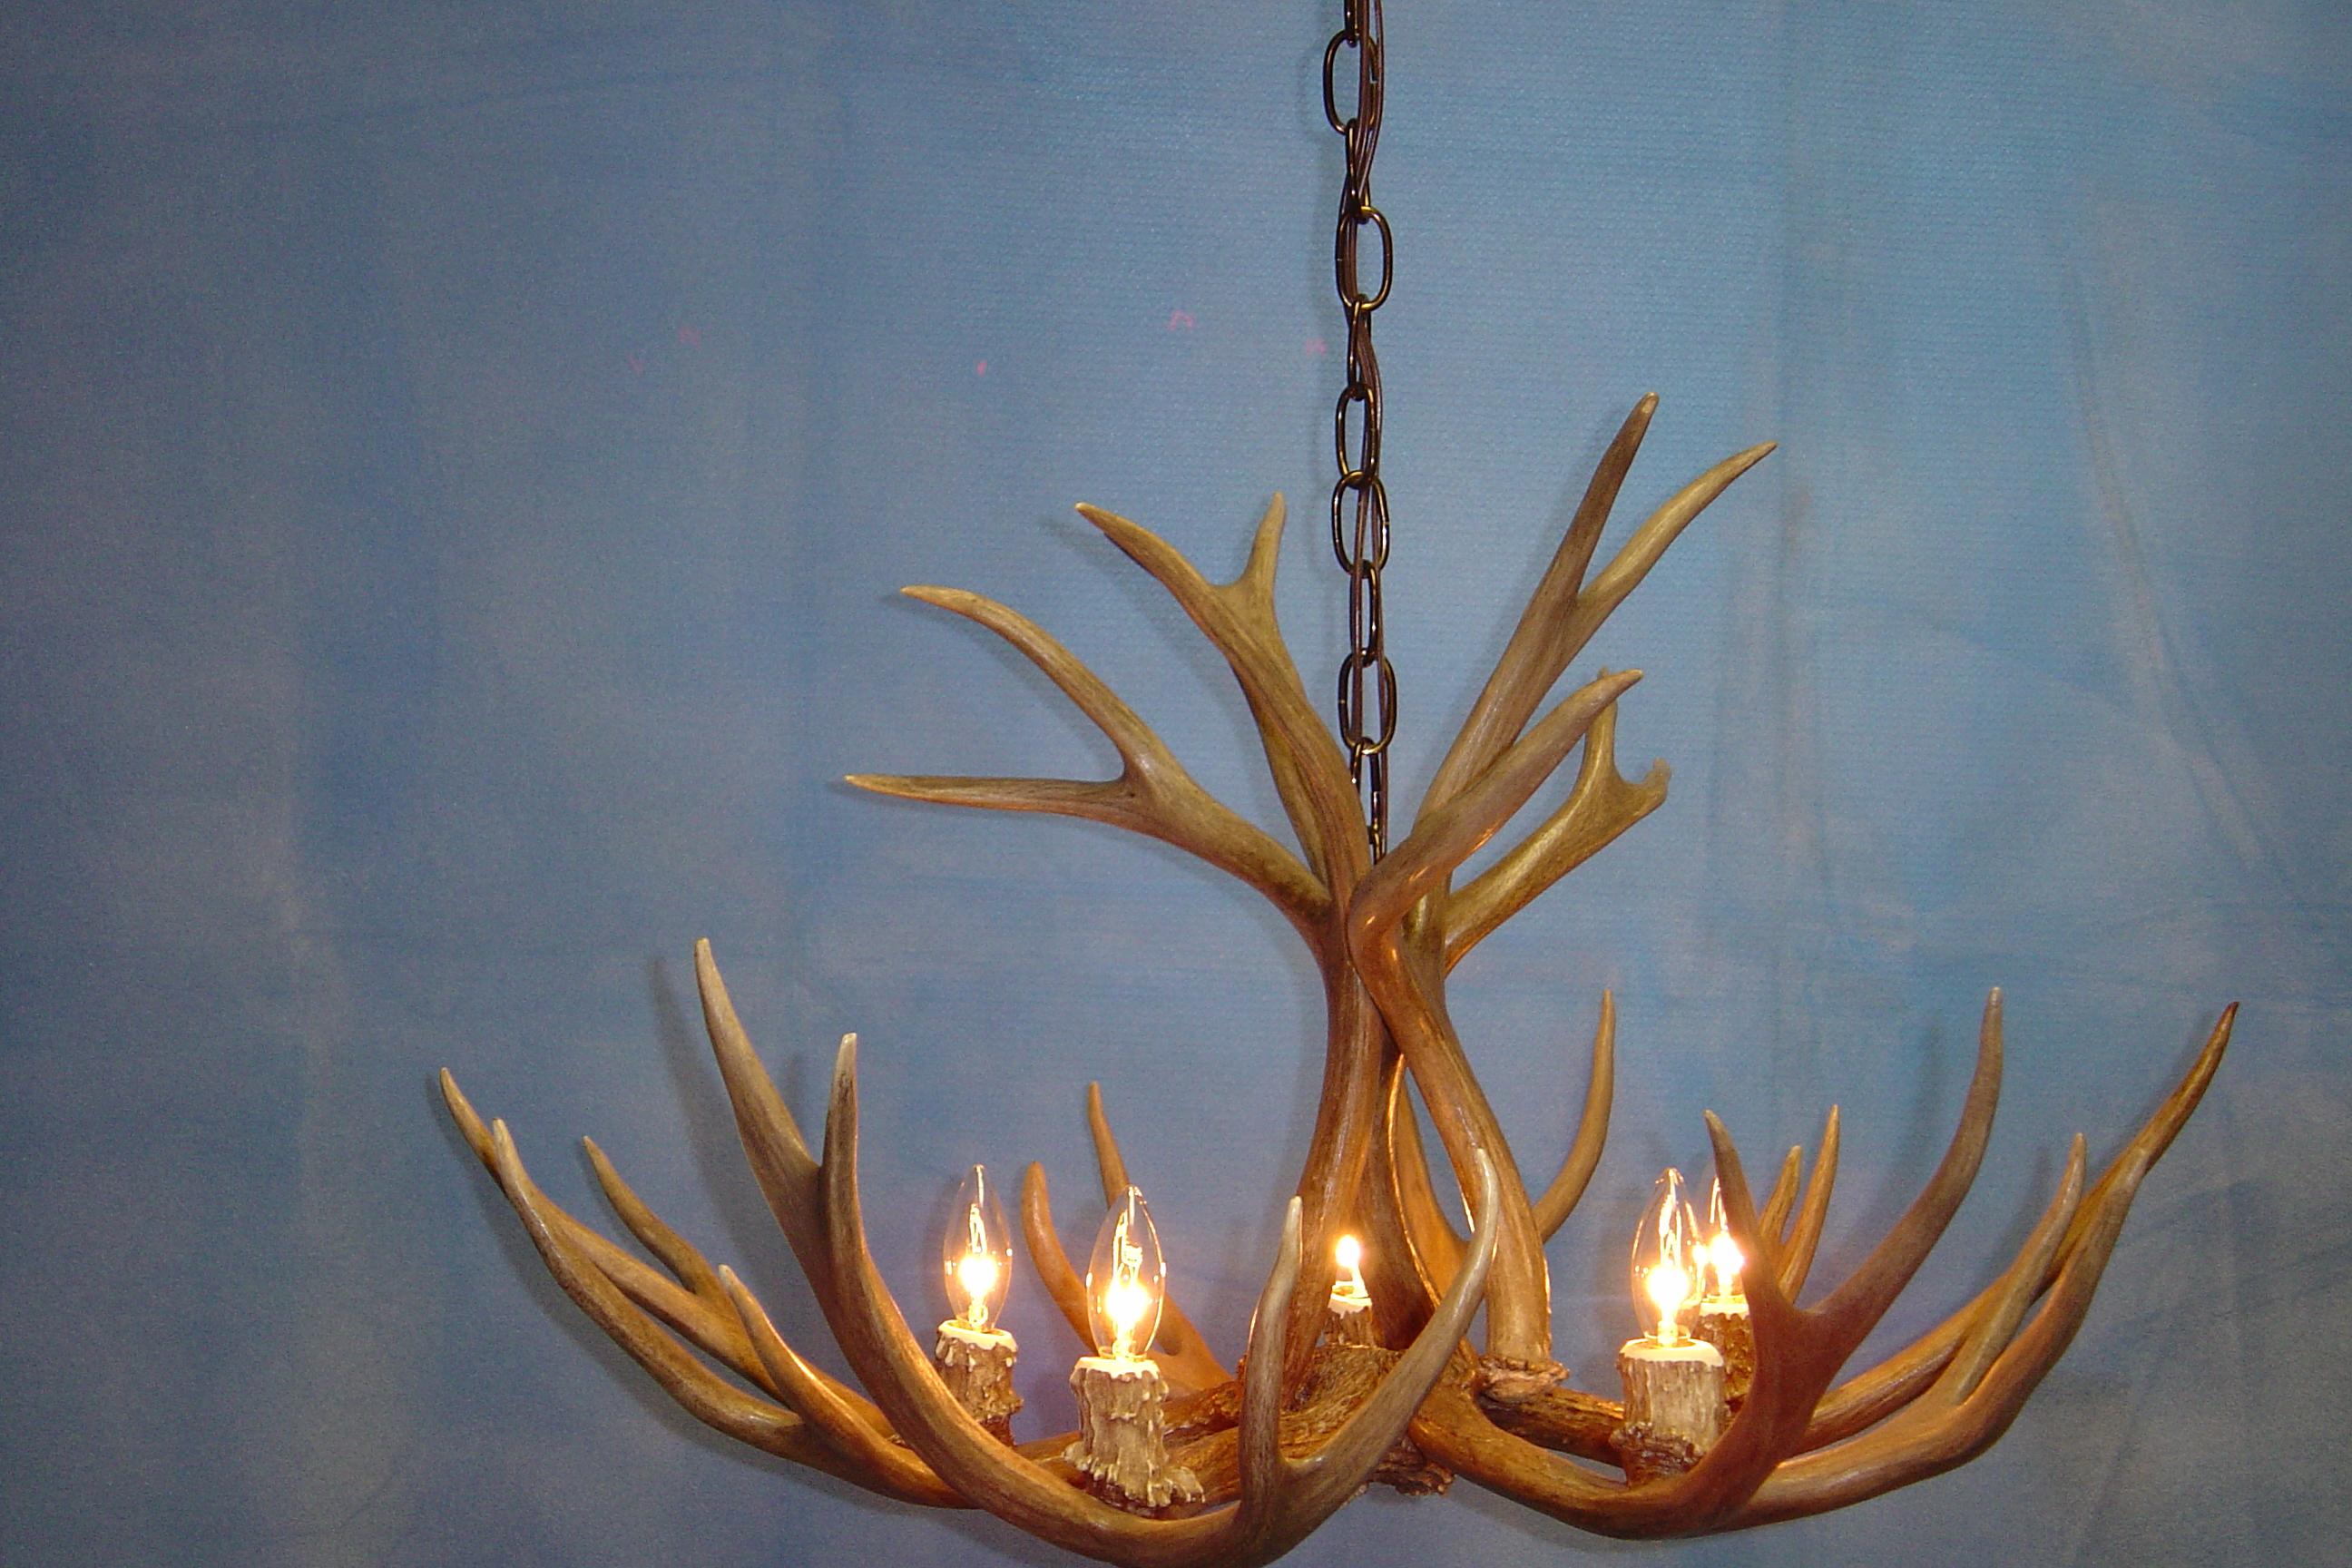 chandeliers july 04 148 (1).jpg